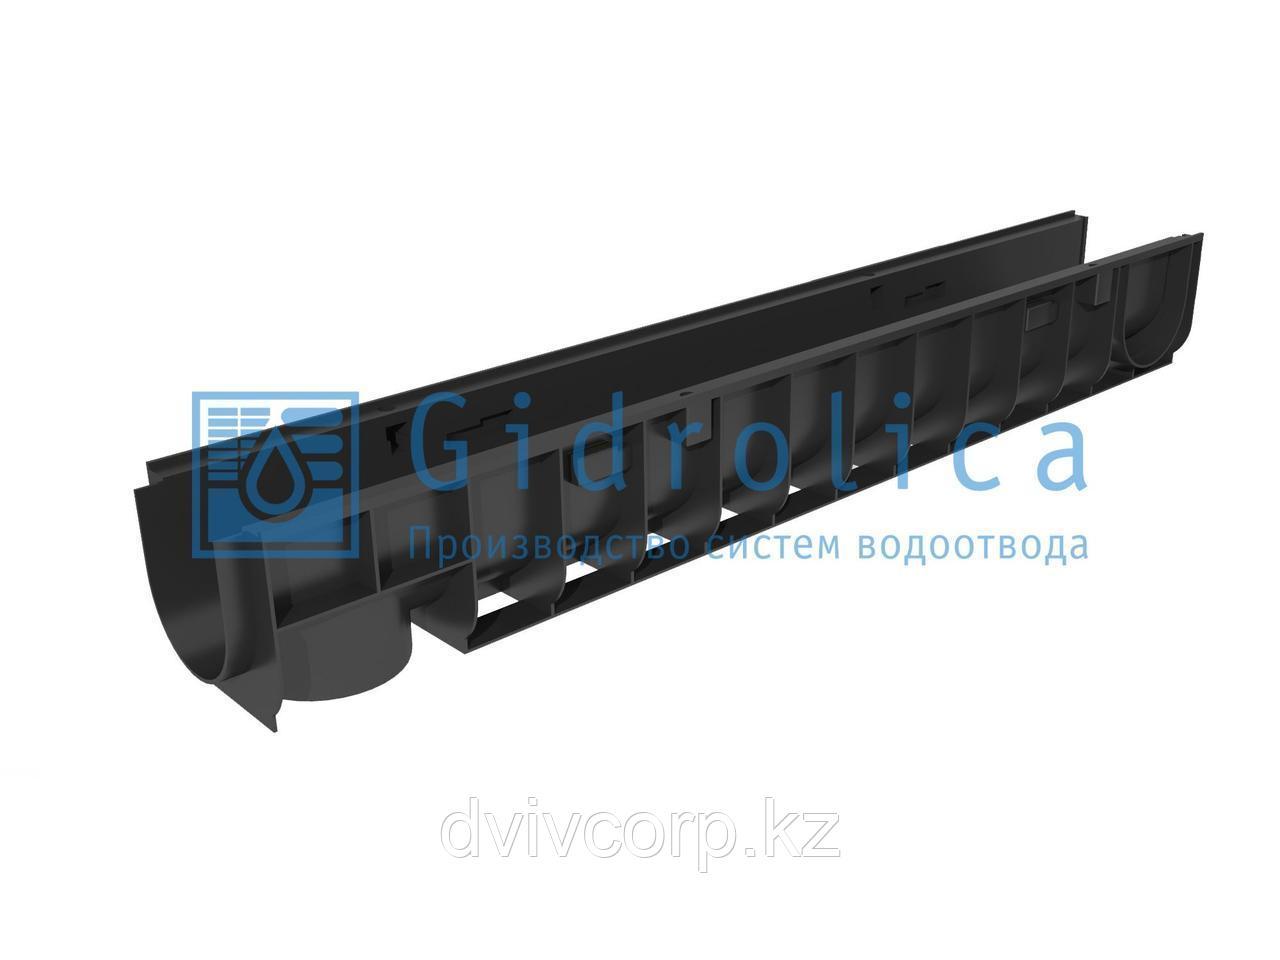 Арт. 800 Лоток водоотводный Gidrolica Standart ЛВ-10.14,5.13,5 - пластиковый